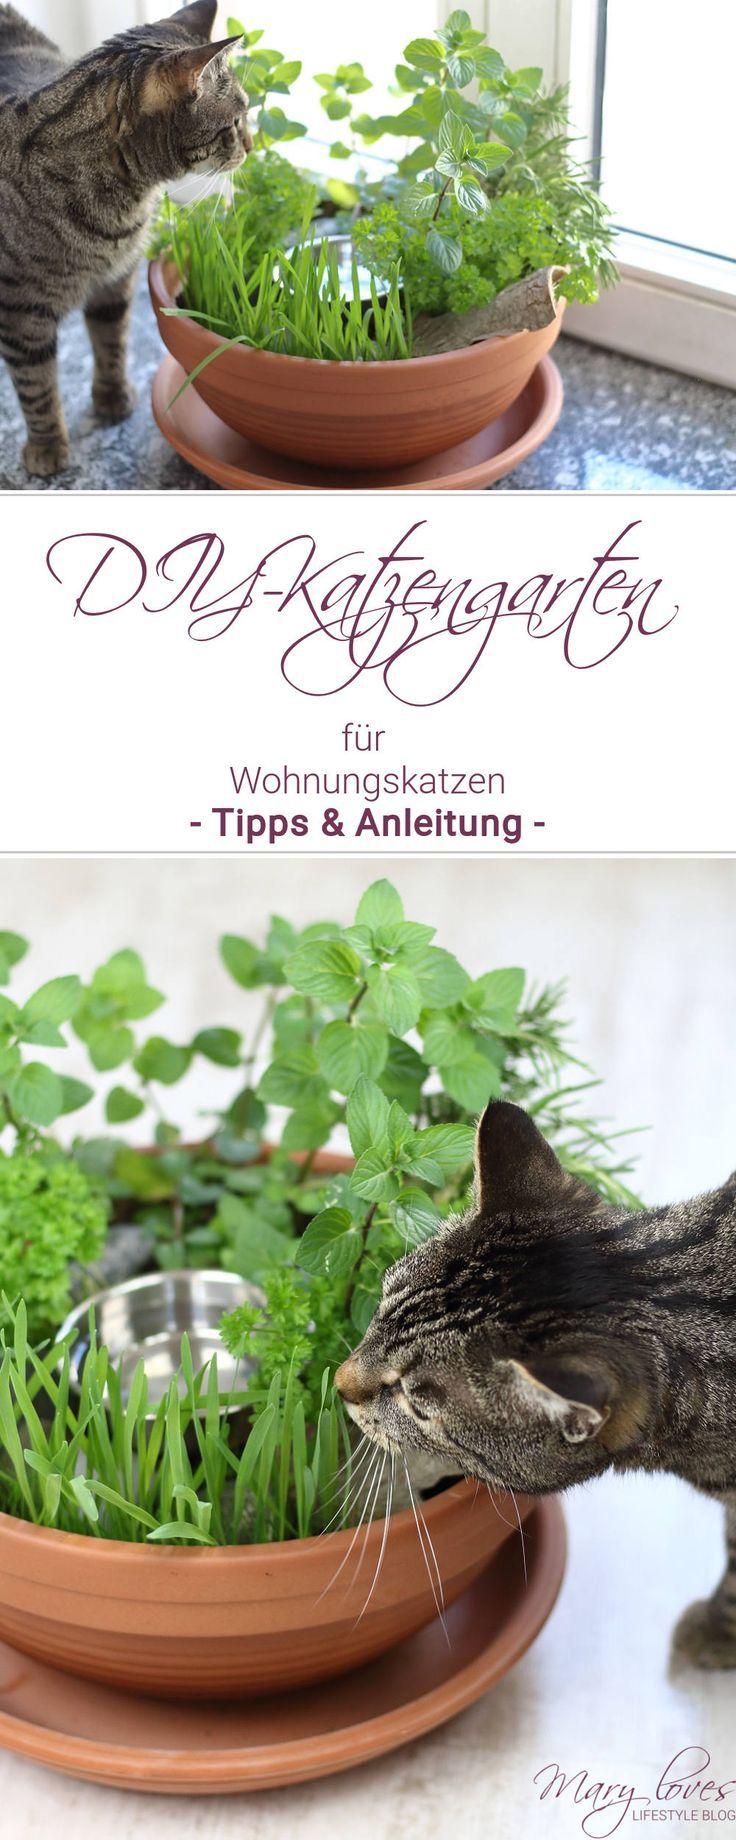 DIY Katzengarten für Hauskatzen   – Balkon Gruppenboard | Ideen | Pflanzen | Deko